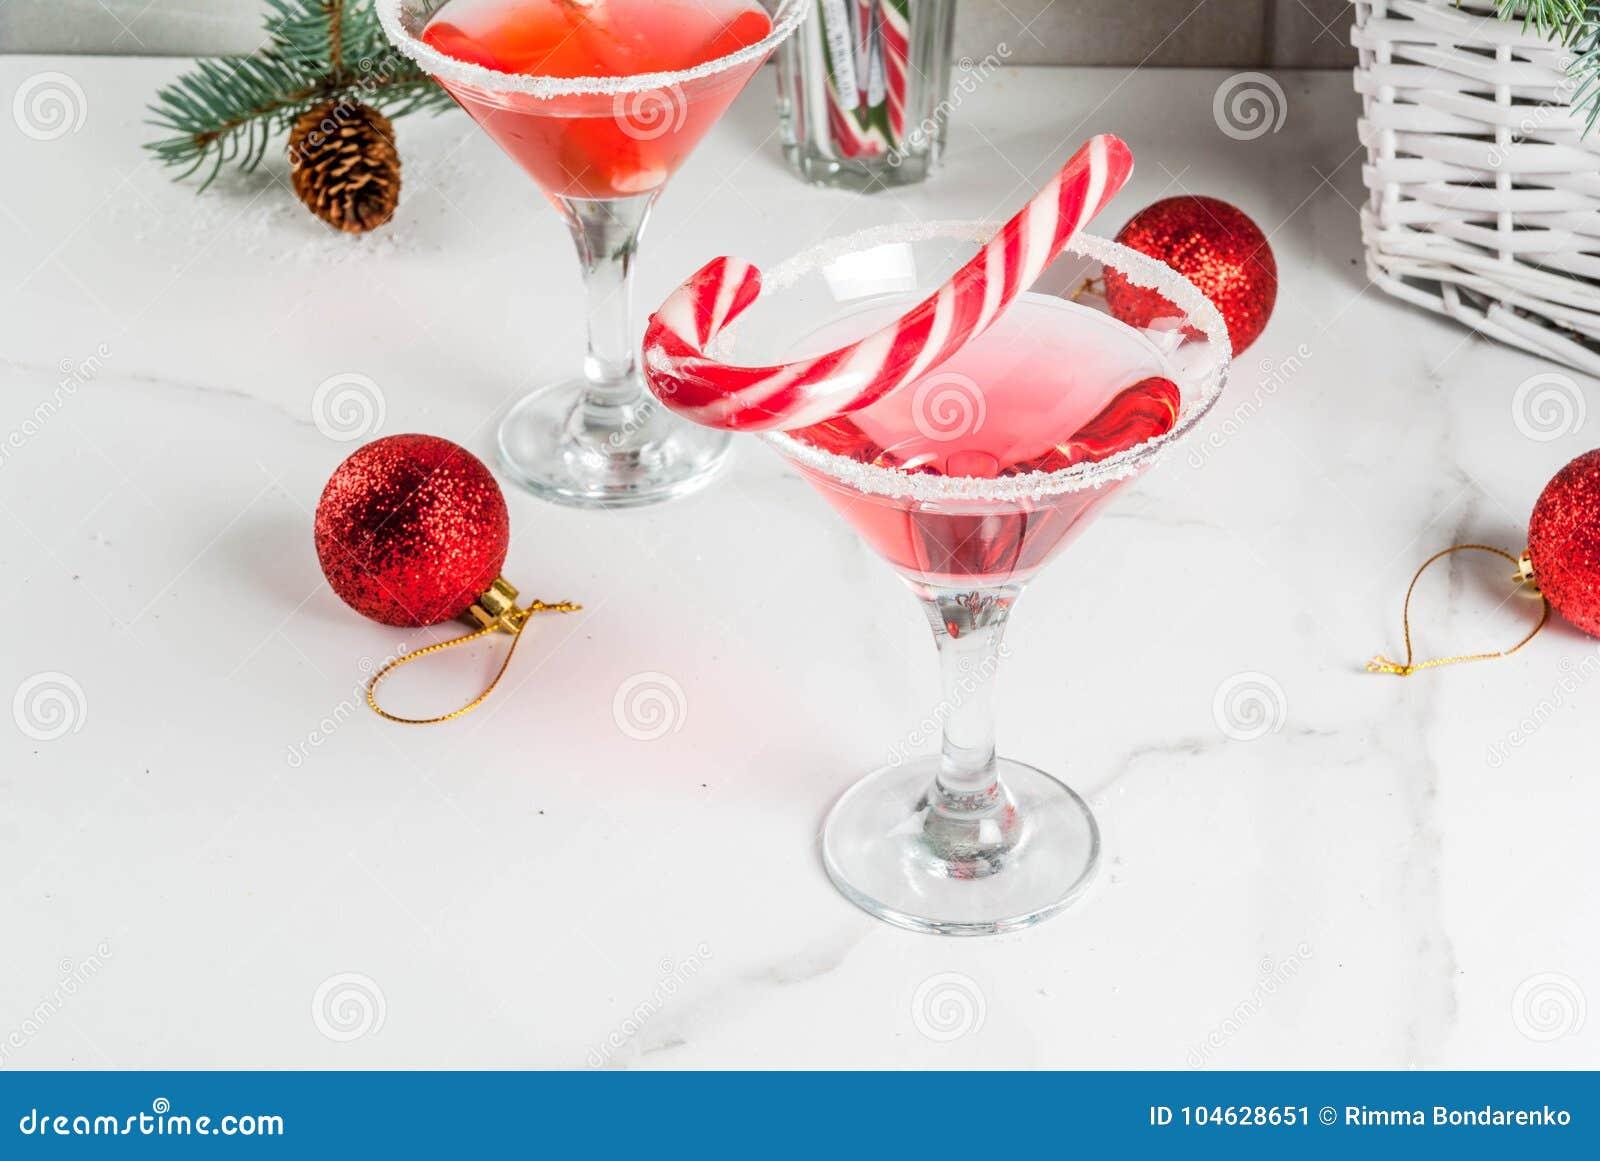 Download Kerstmis Roze Pepermunt Martini Stock Afbeelding - Afbeelding bestaande uit seizoen, cocktail: 104628651